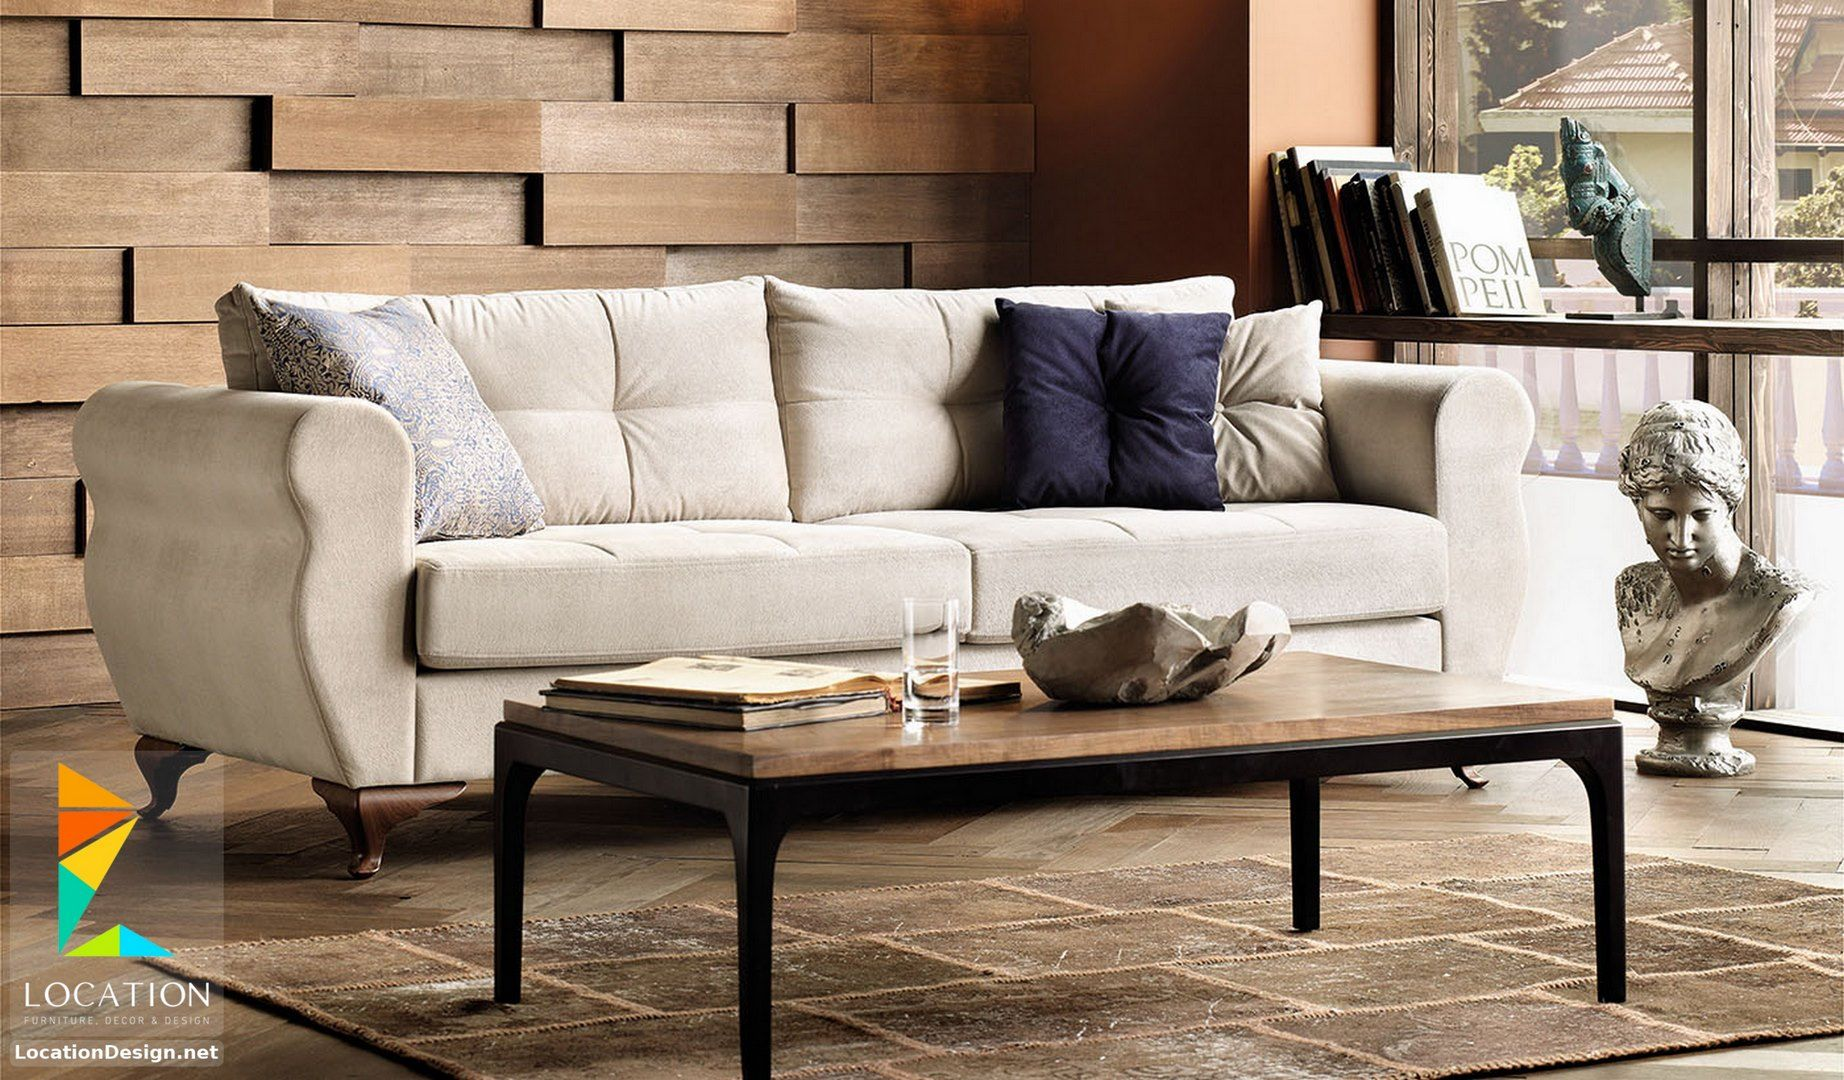 اشكال انتريهات مودرن من أحدث موديلات كنب الأنتريه التركي 2019 Furniture Sofa Design Wood Sofa Design